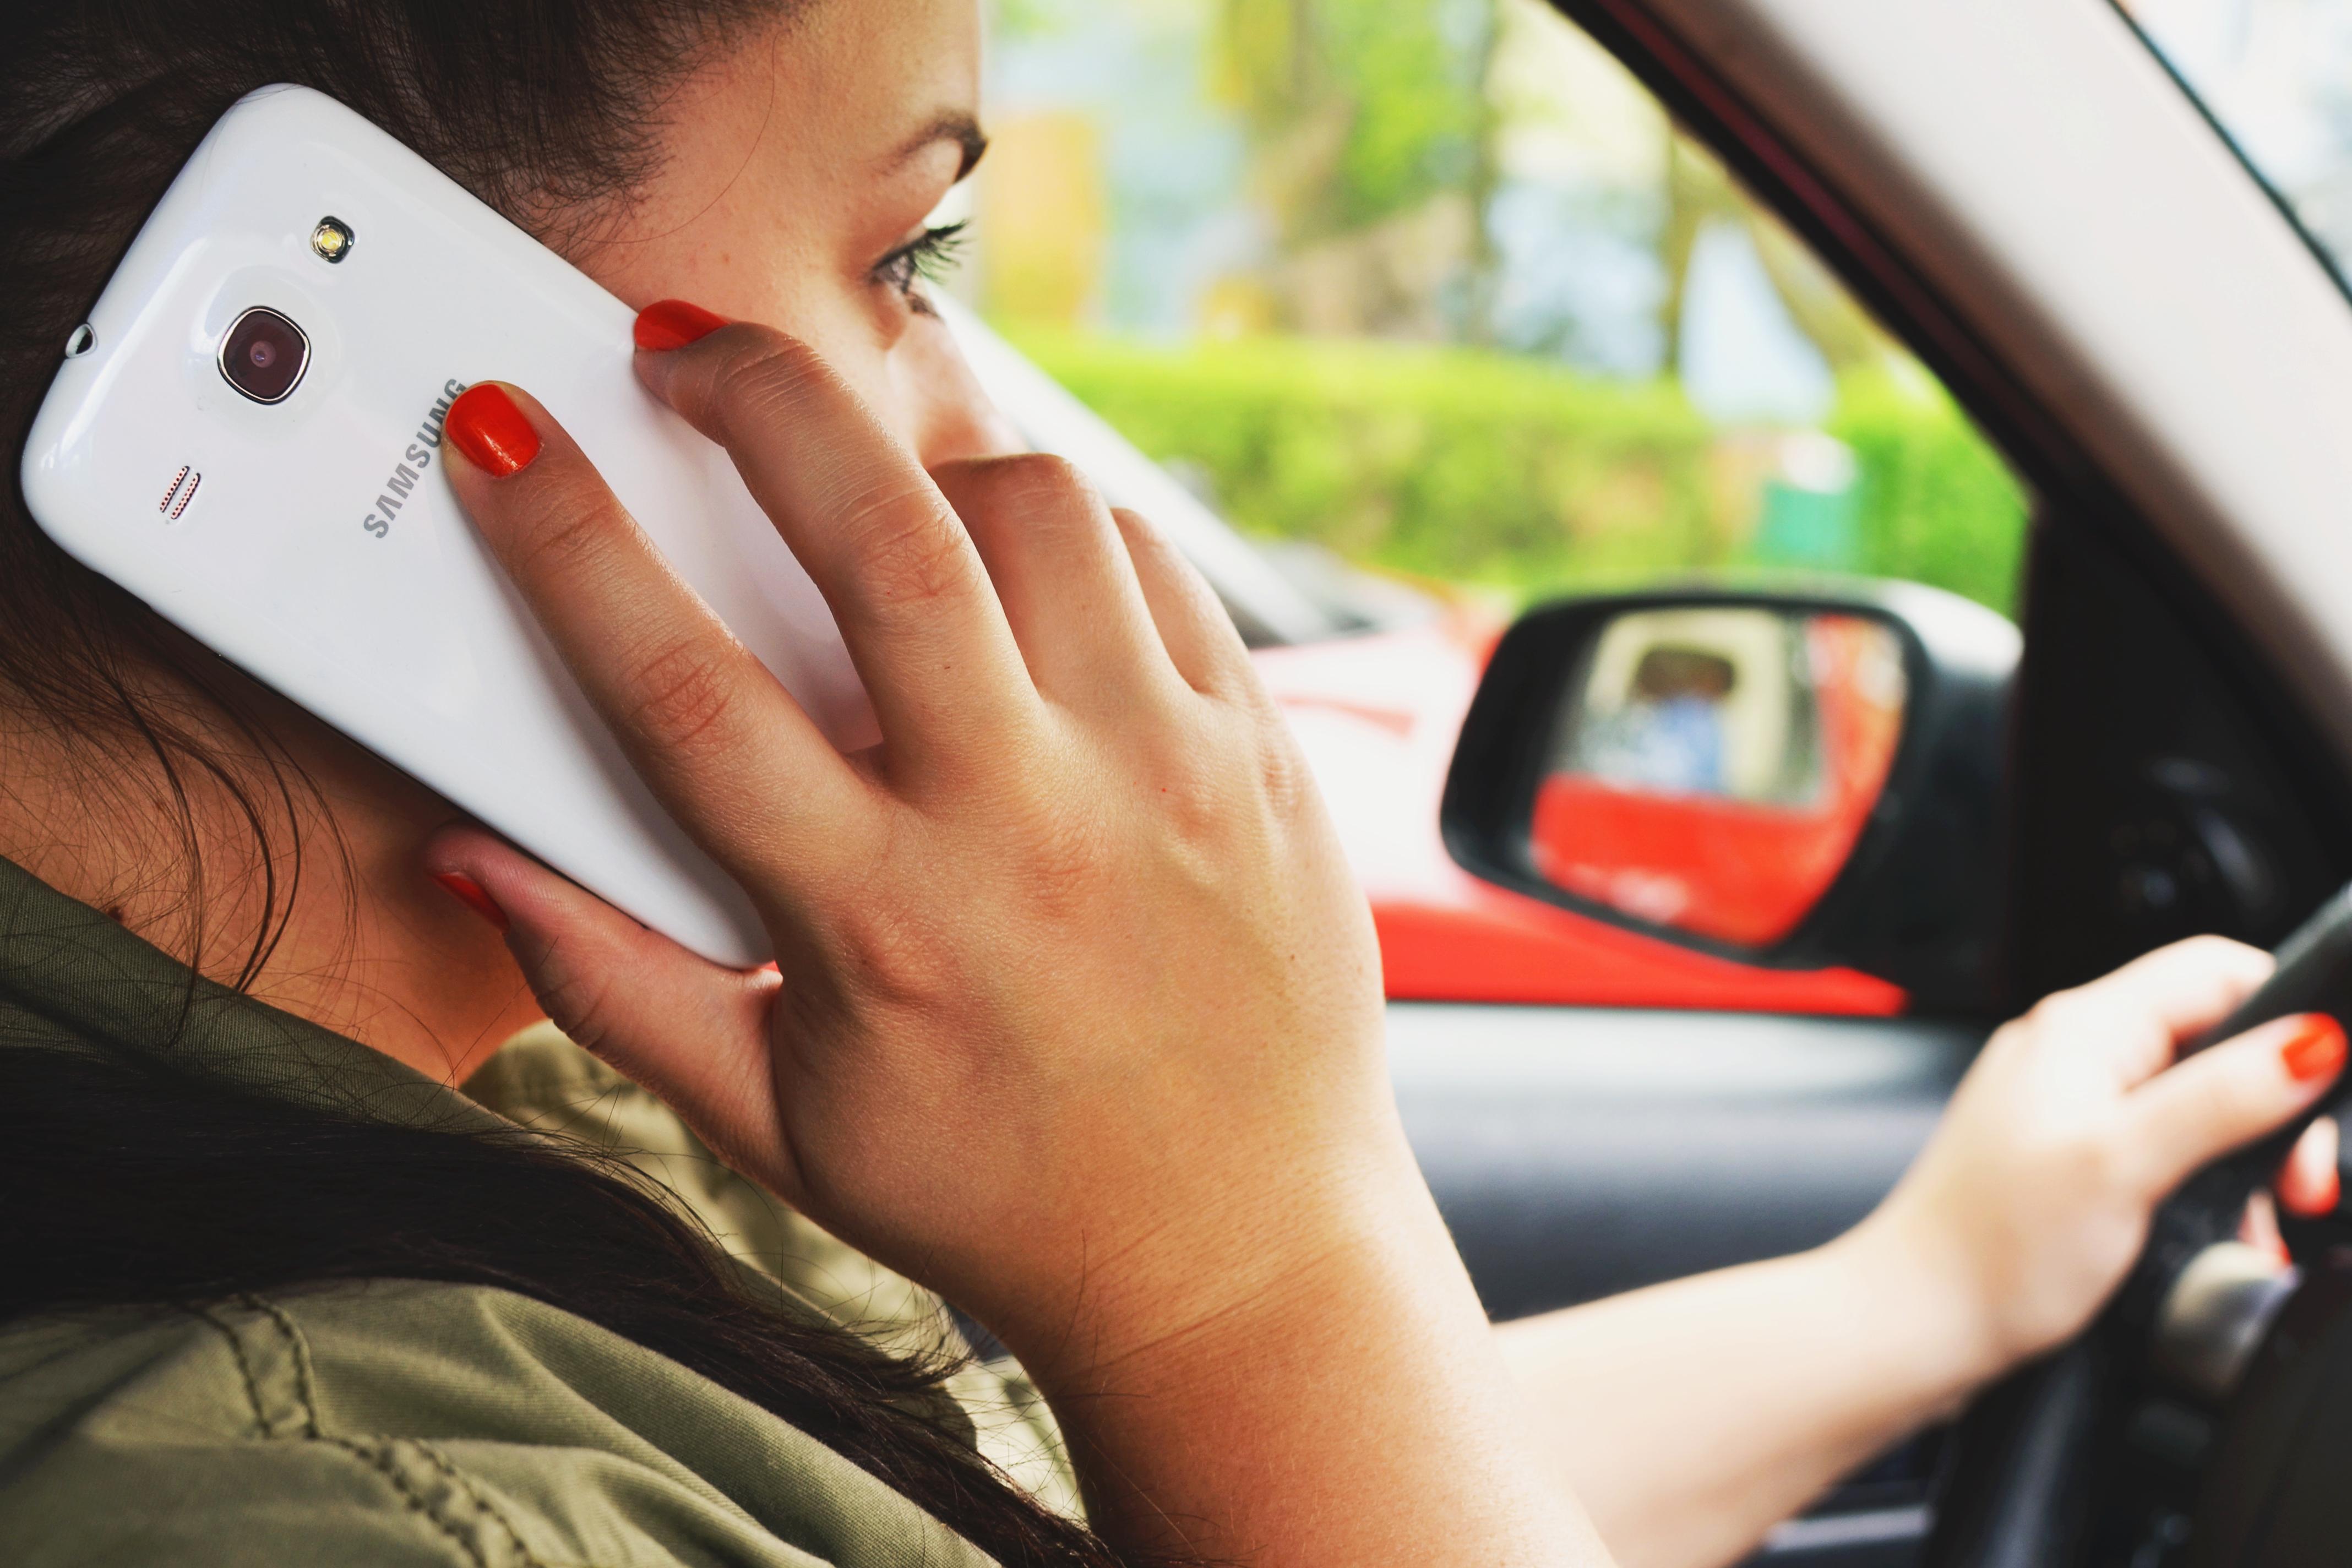 Γερμανία: Τα κινητά είναι ο Συχνότερος Κίνδυνος Δυστυχήματος